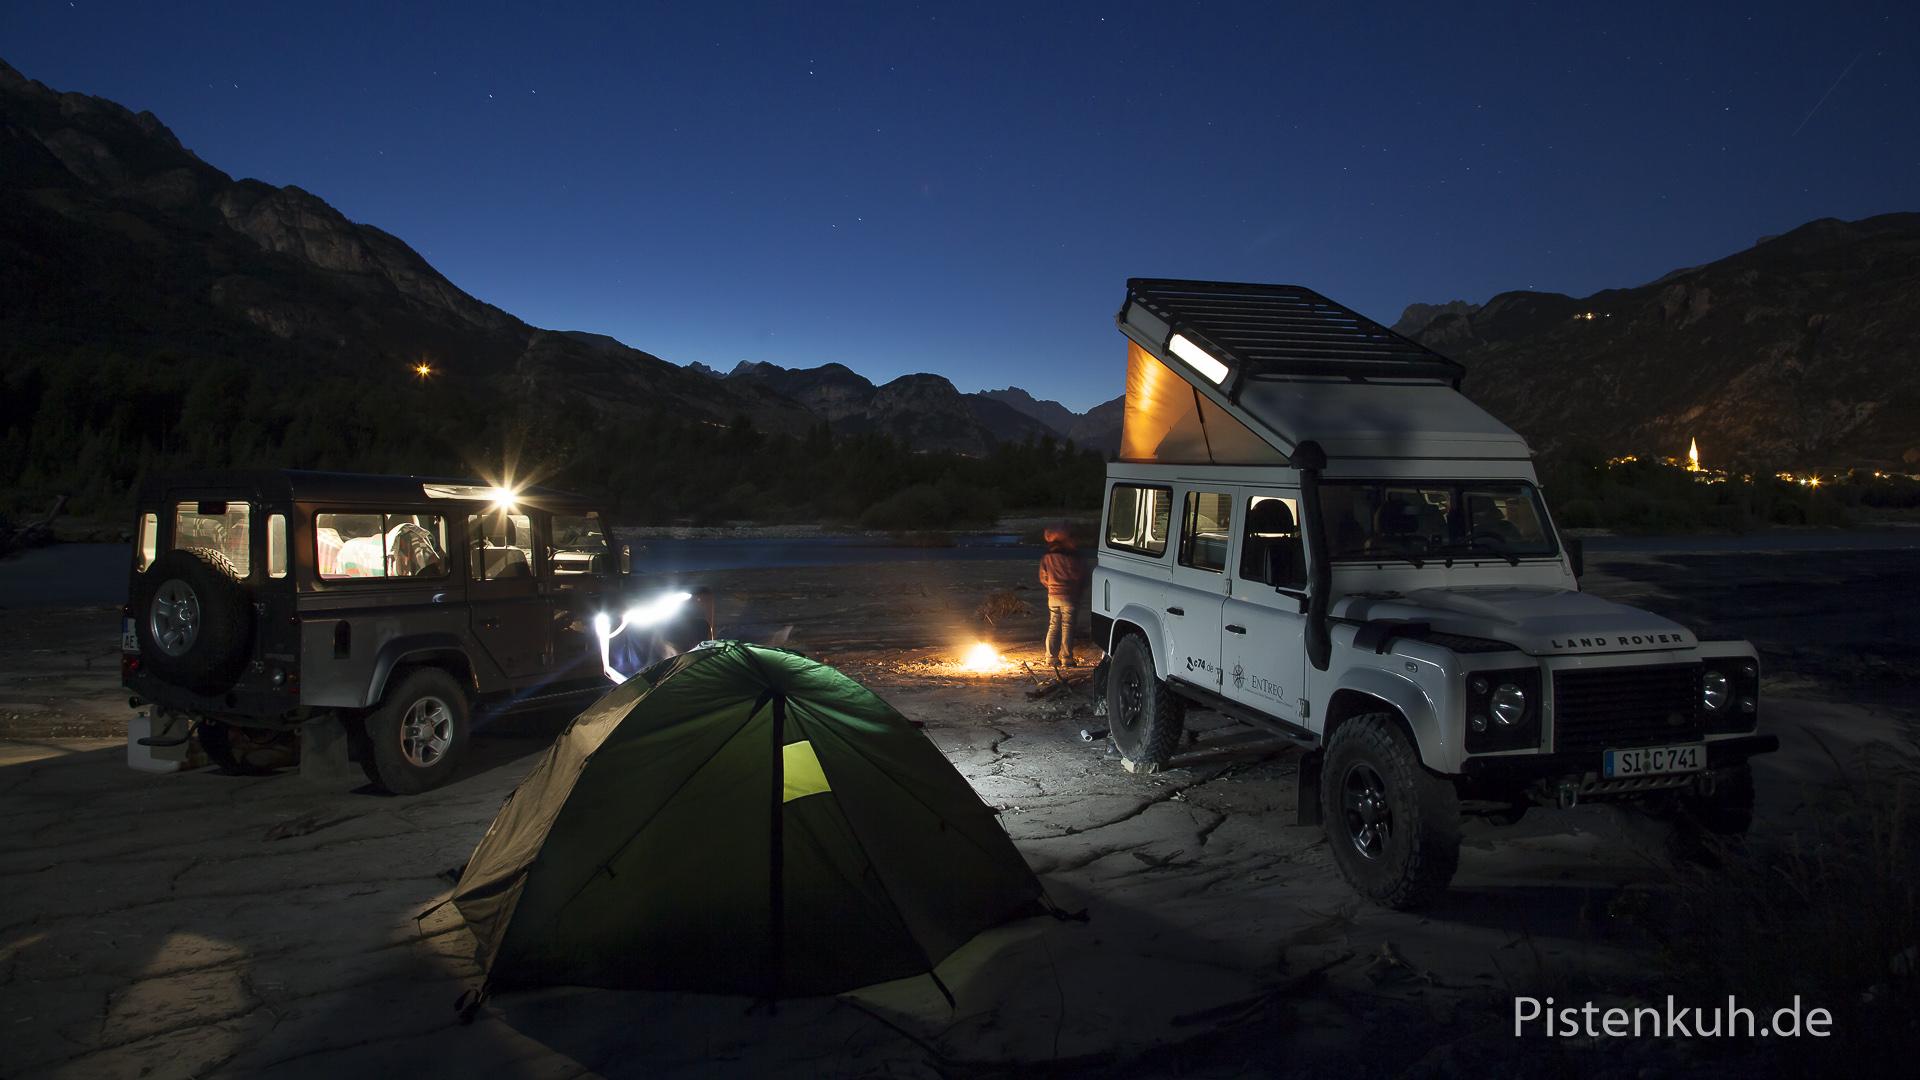 Land Rover Defender Nacht